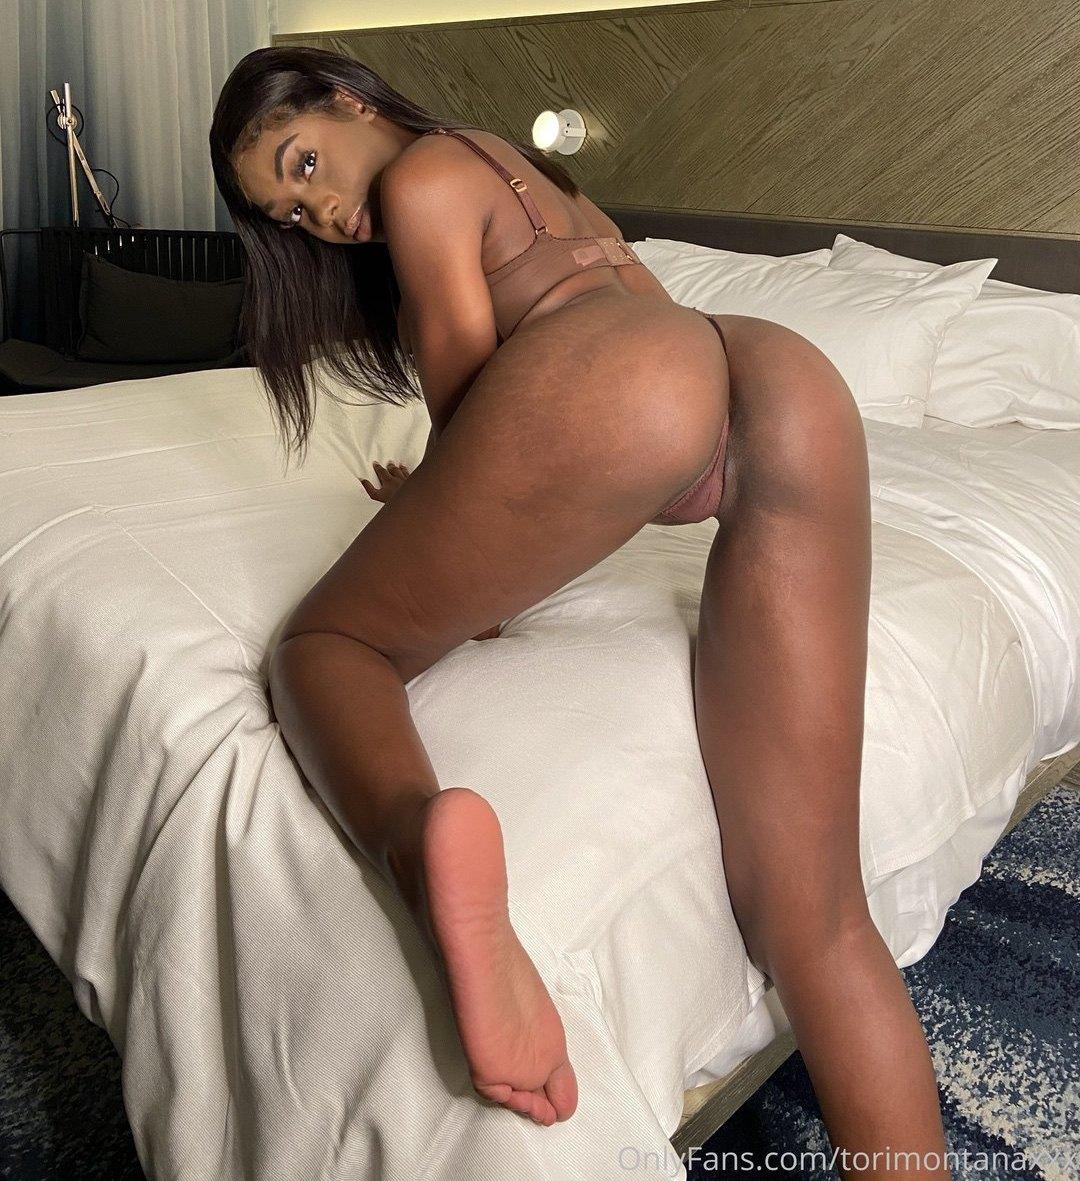 Tori Montana Torimontanaxxx Onlyfans Nudes Leaks 0011